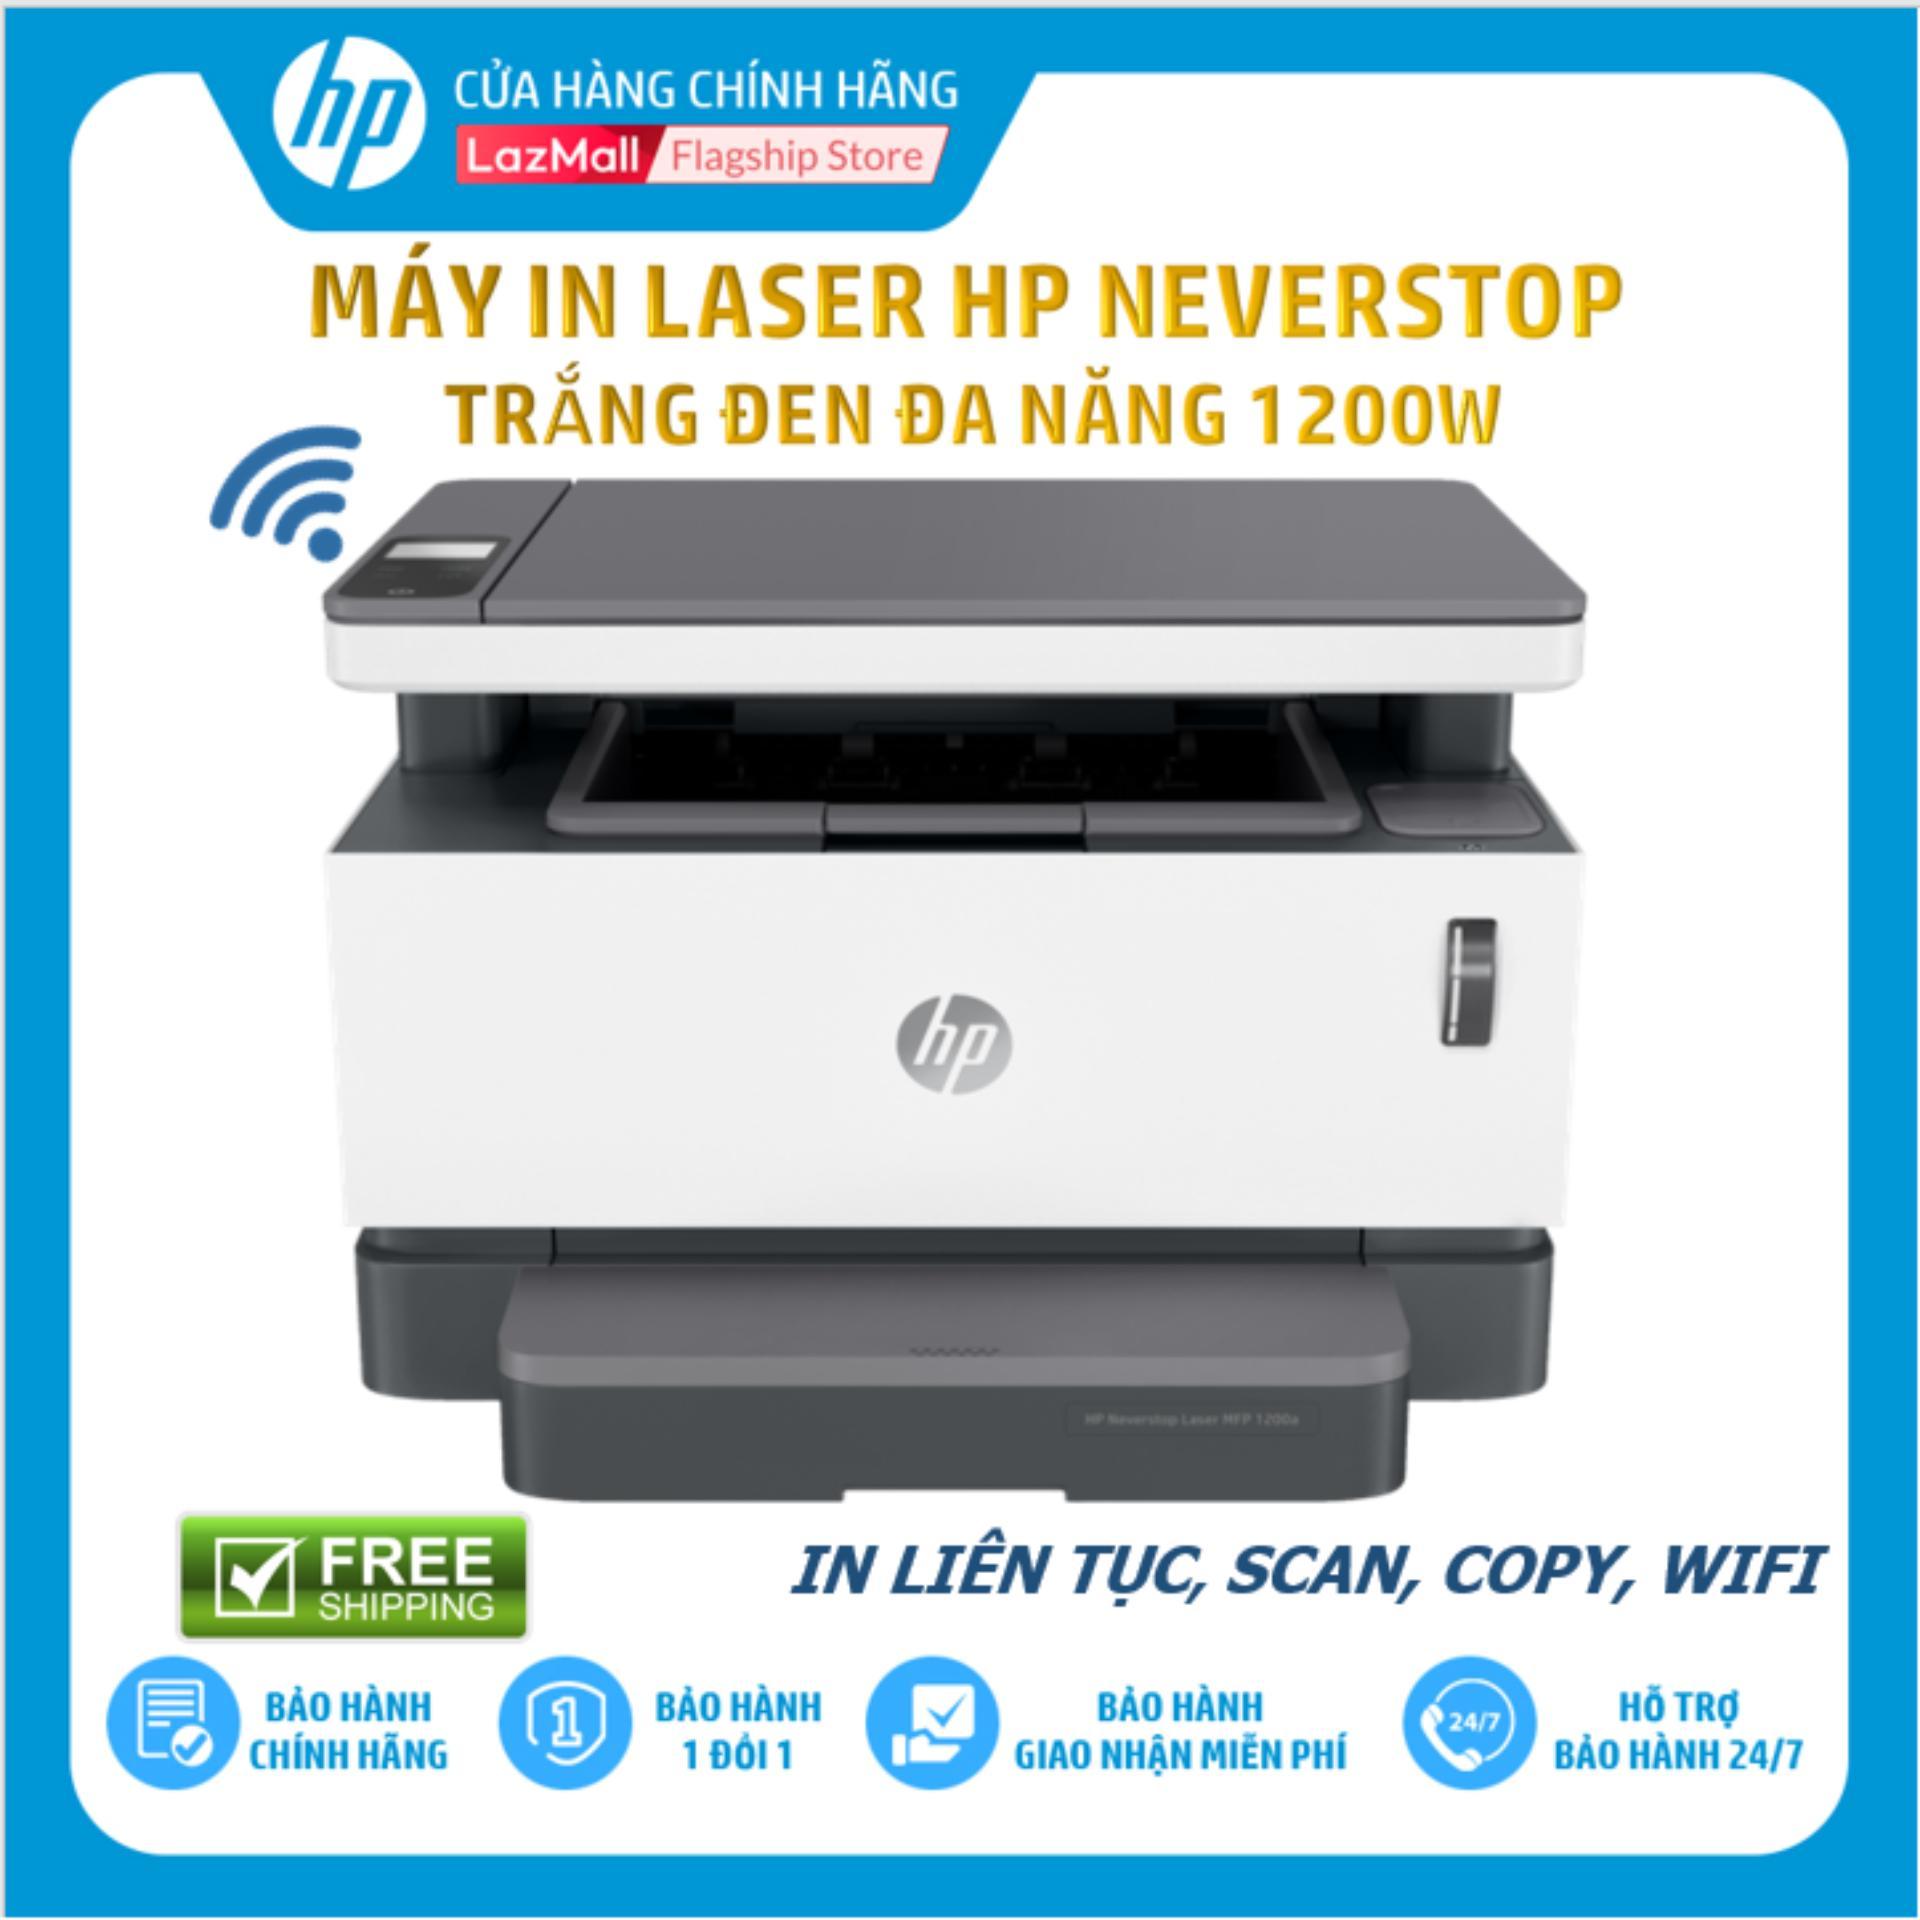 Máy In Laser Trắng Đen Đa Năng HP Neverstop Laser 1200W (In/Copy/Scan/Wifi/Đen-4RY26A) - Hàng Chính Hãng